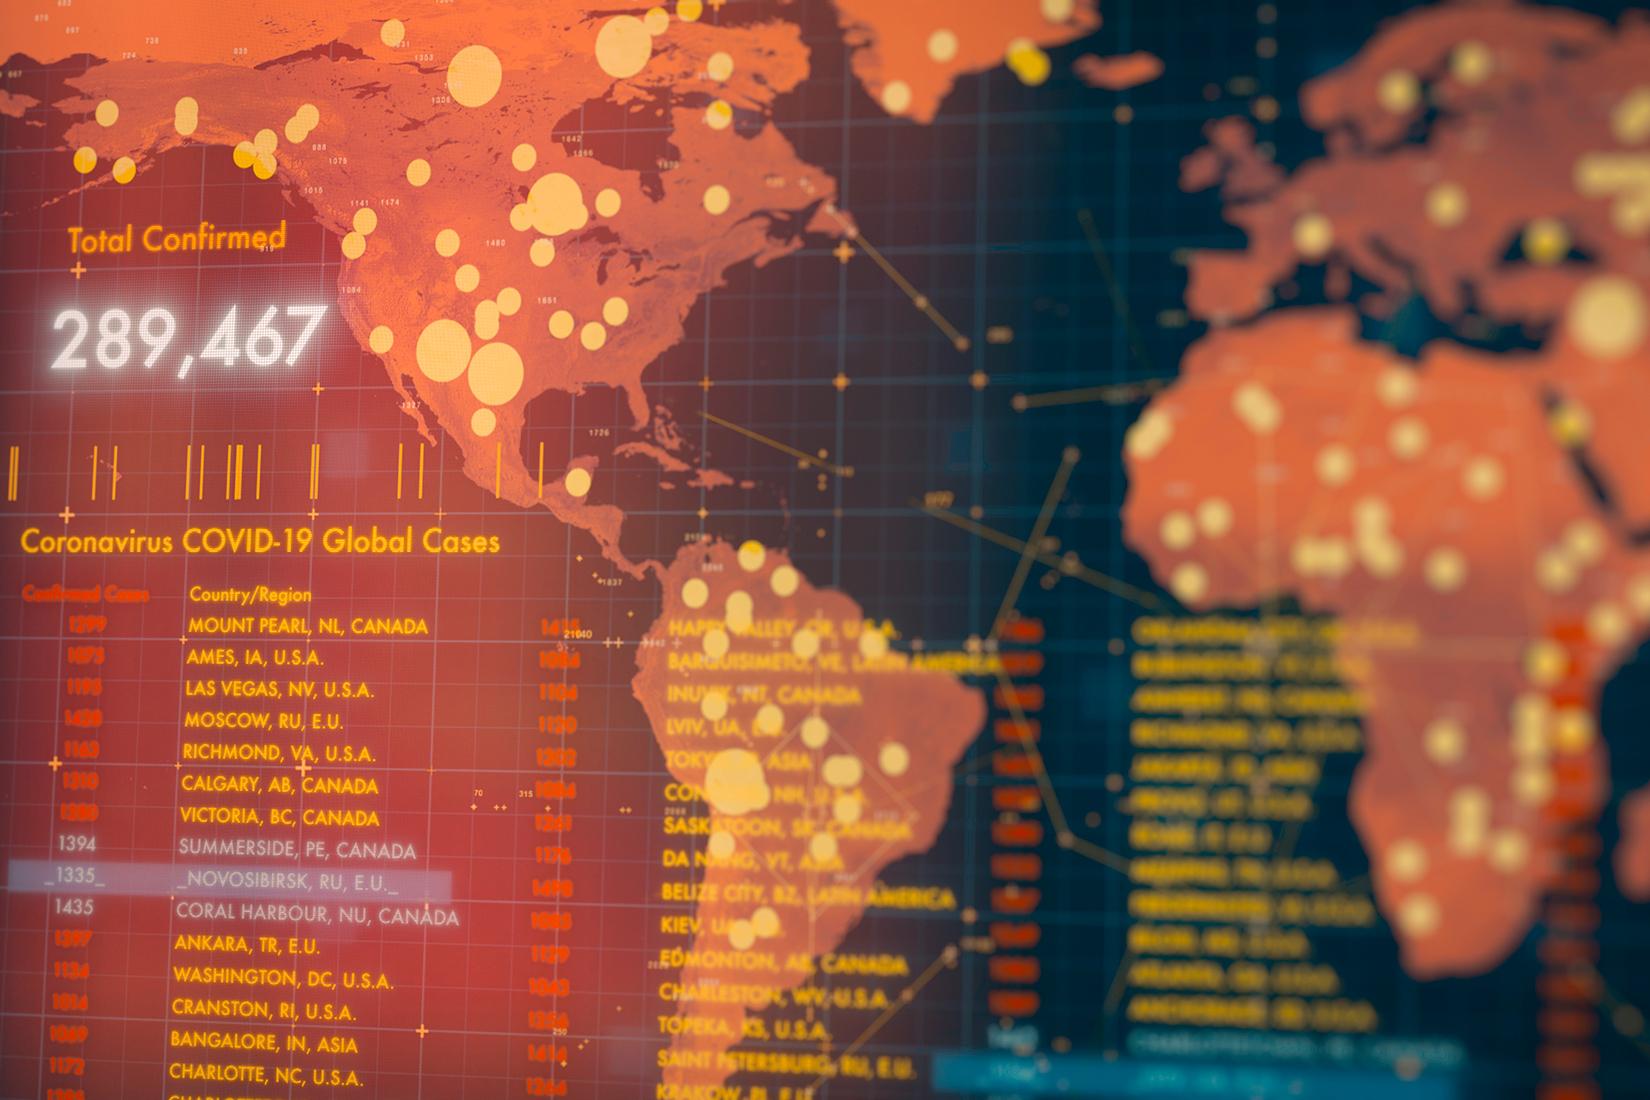 新型コロナ下の国際協力 ― 先進国の結束は示せるか